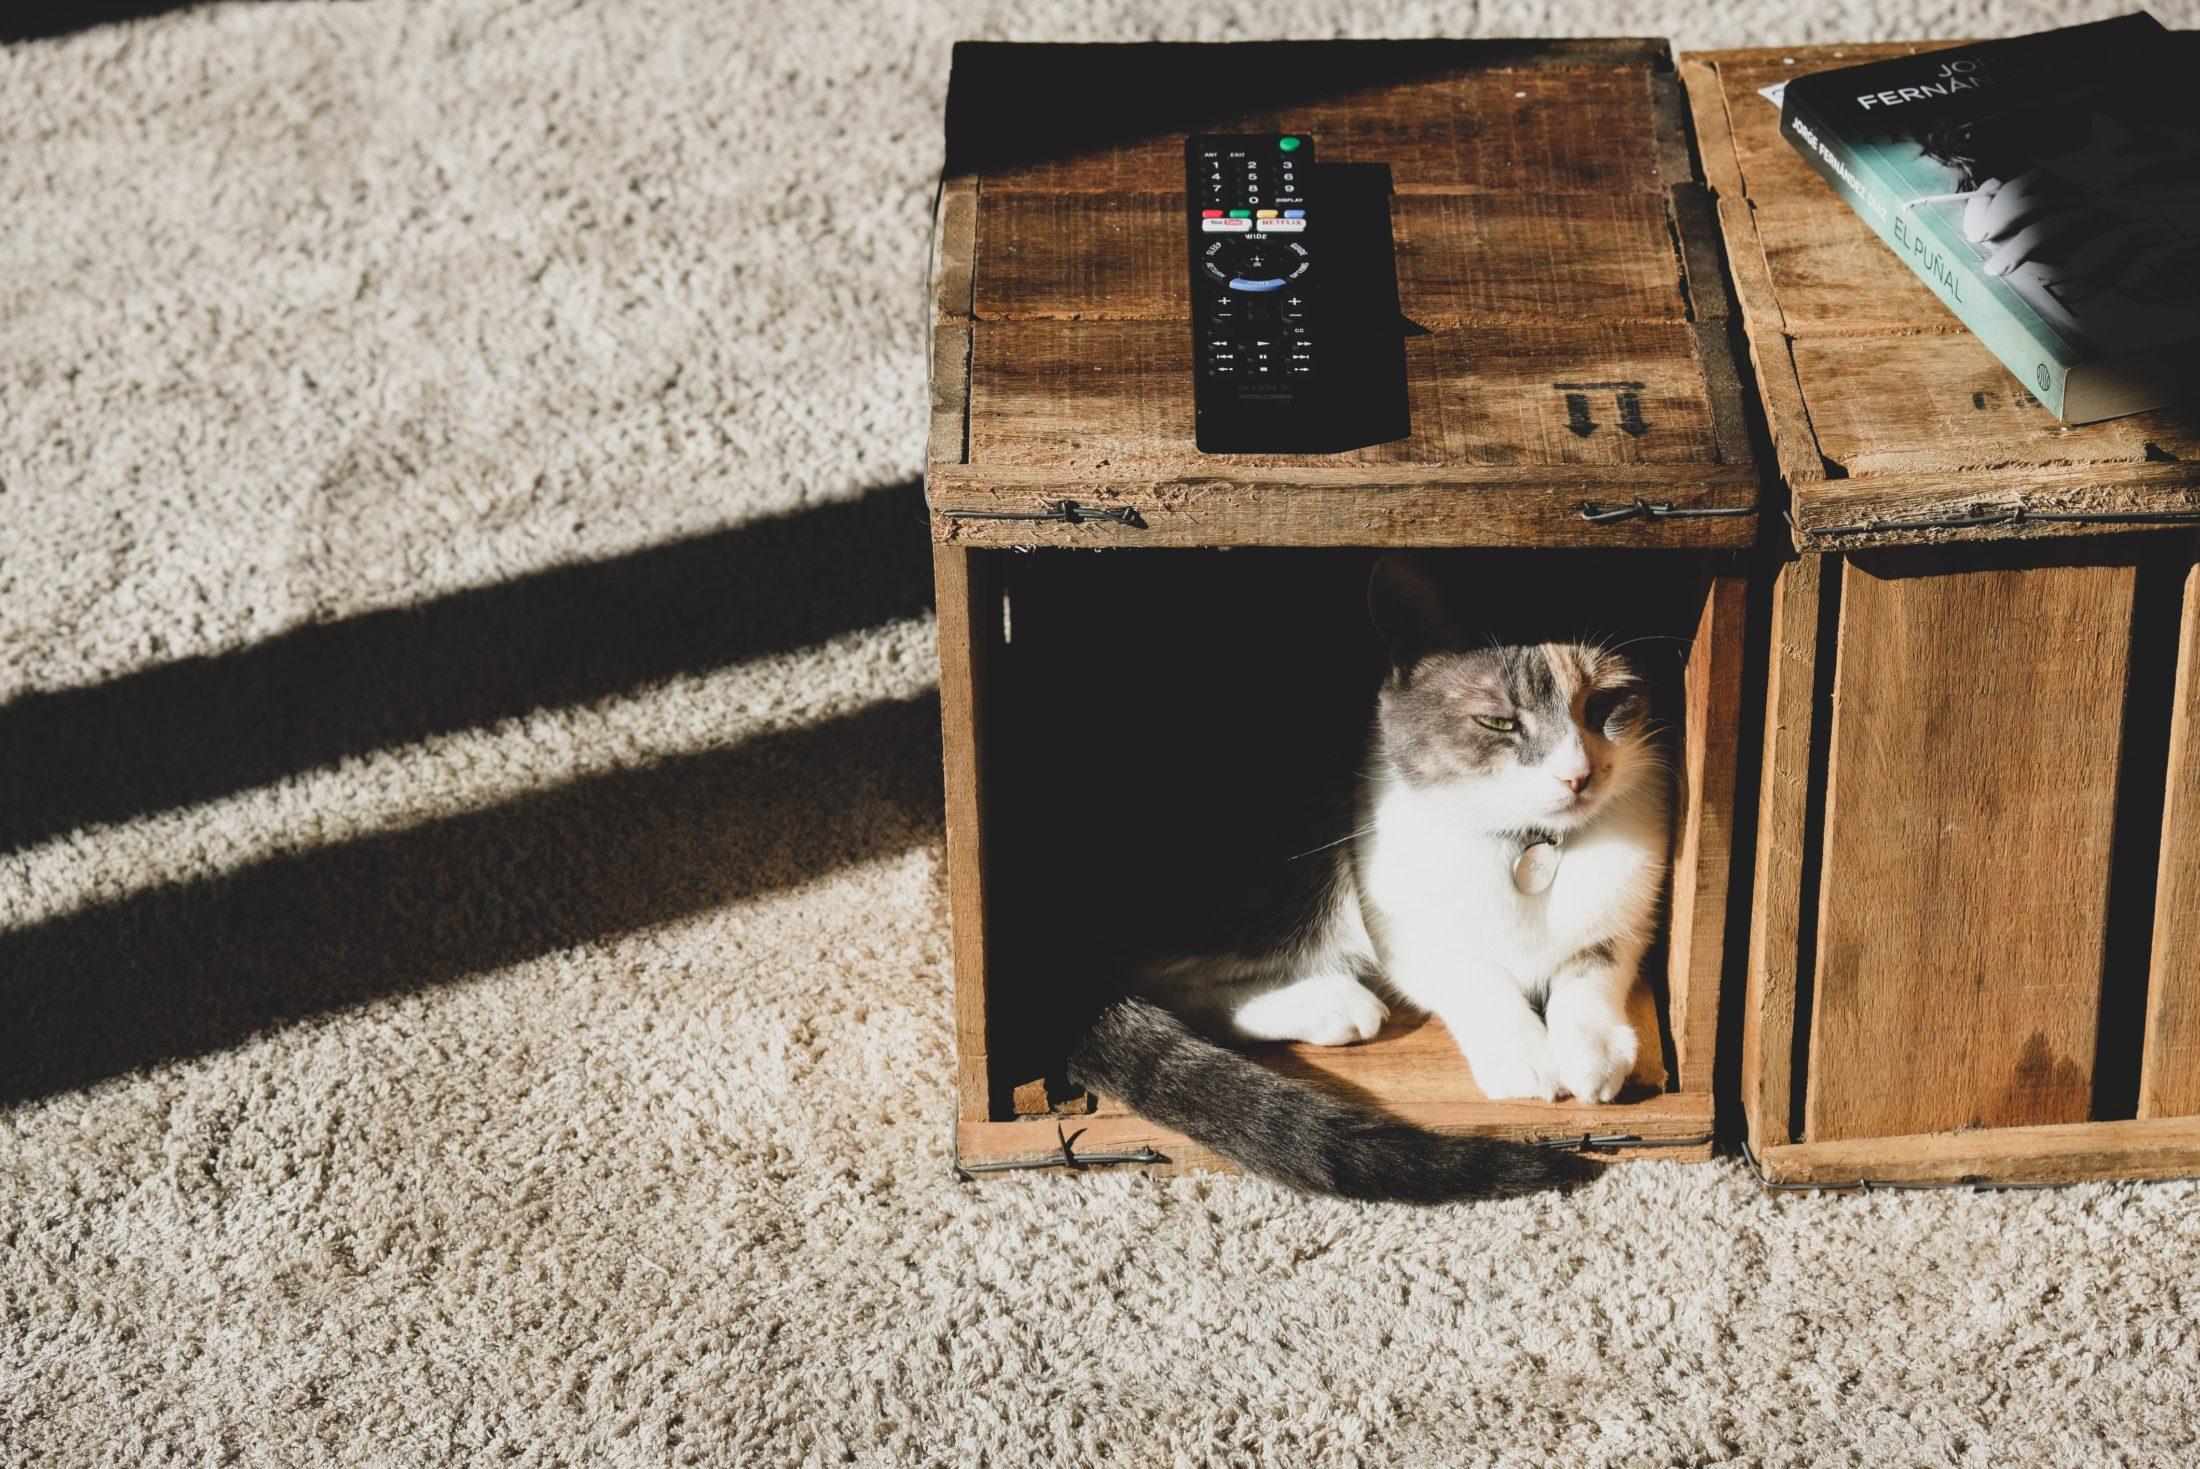 gato dentro do nicho da mesa de centro na sala